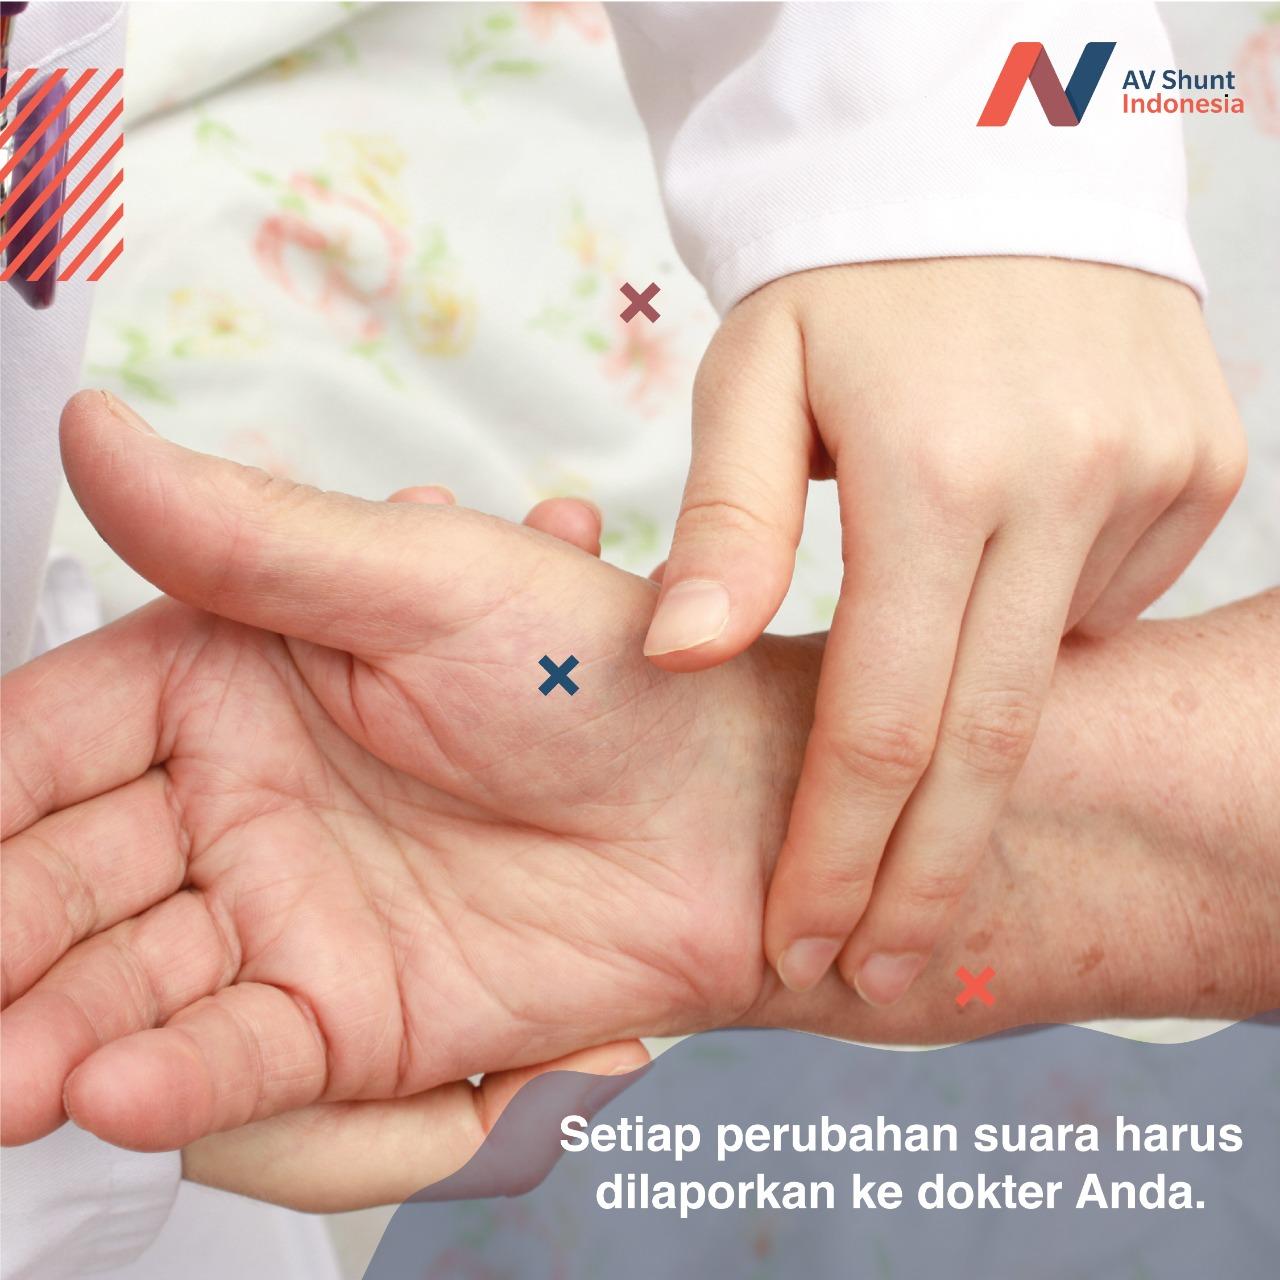 https://avshuntindonesia.com/images/blog/BLOG__av-shunt-untuk-hemodialisis__20200214113542.jpg